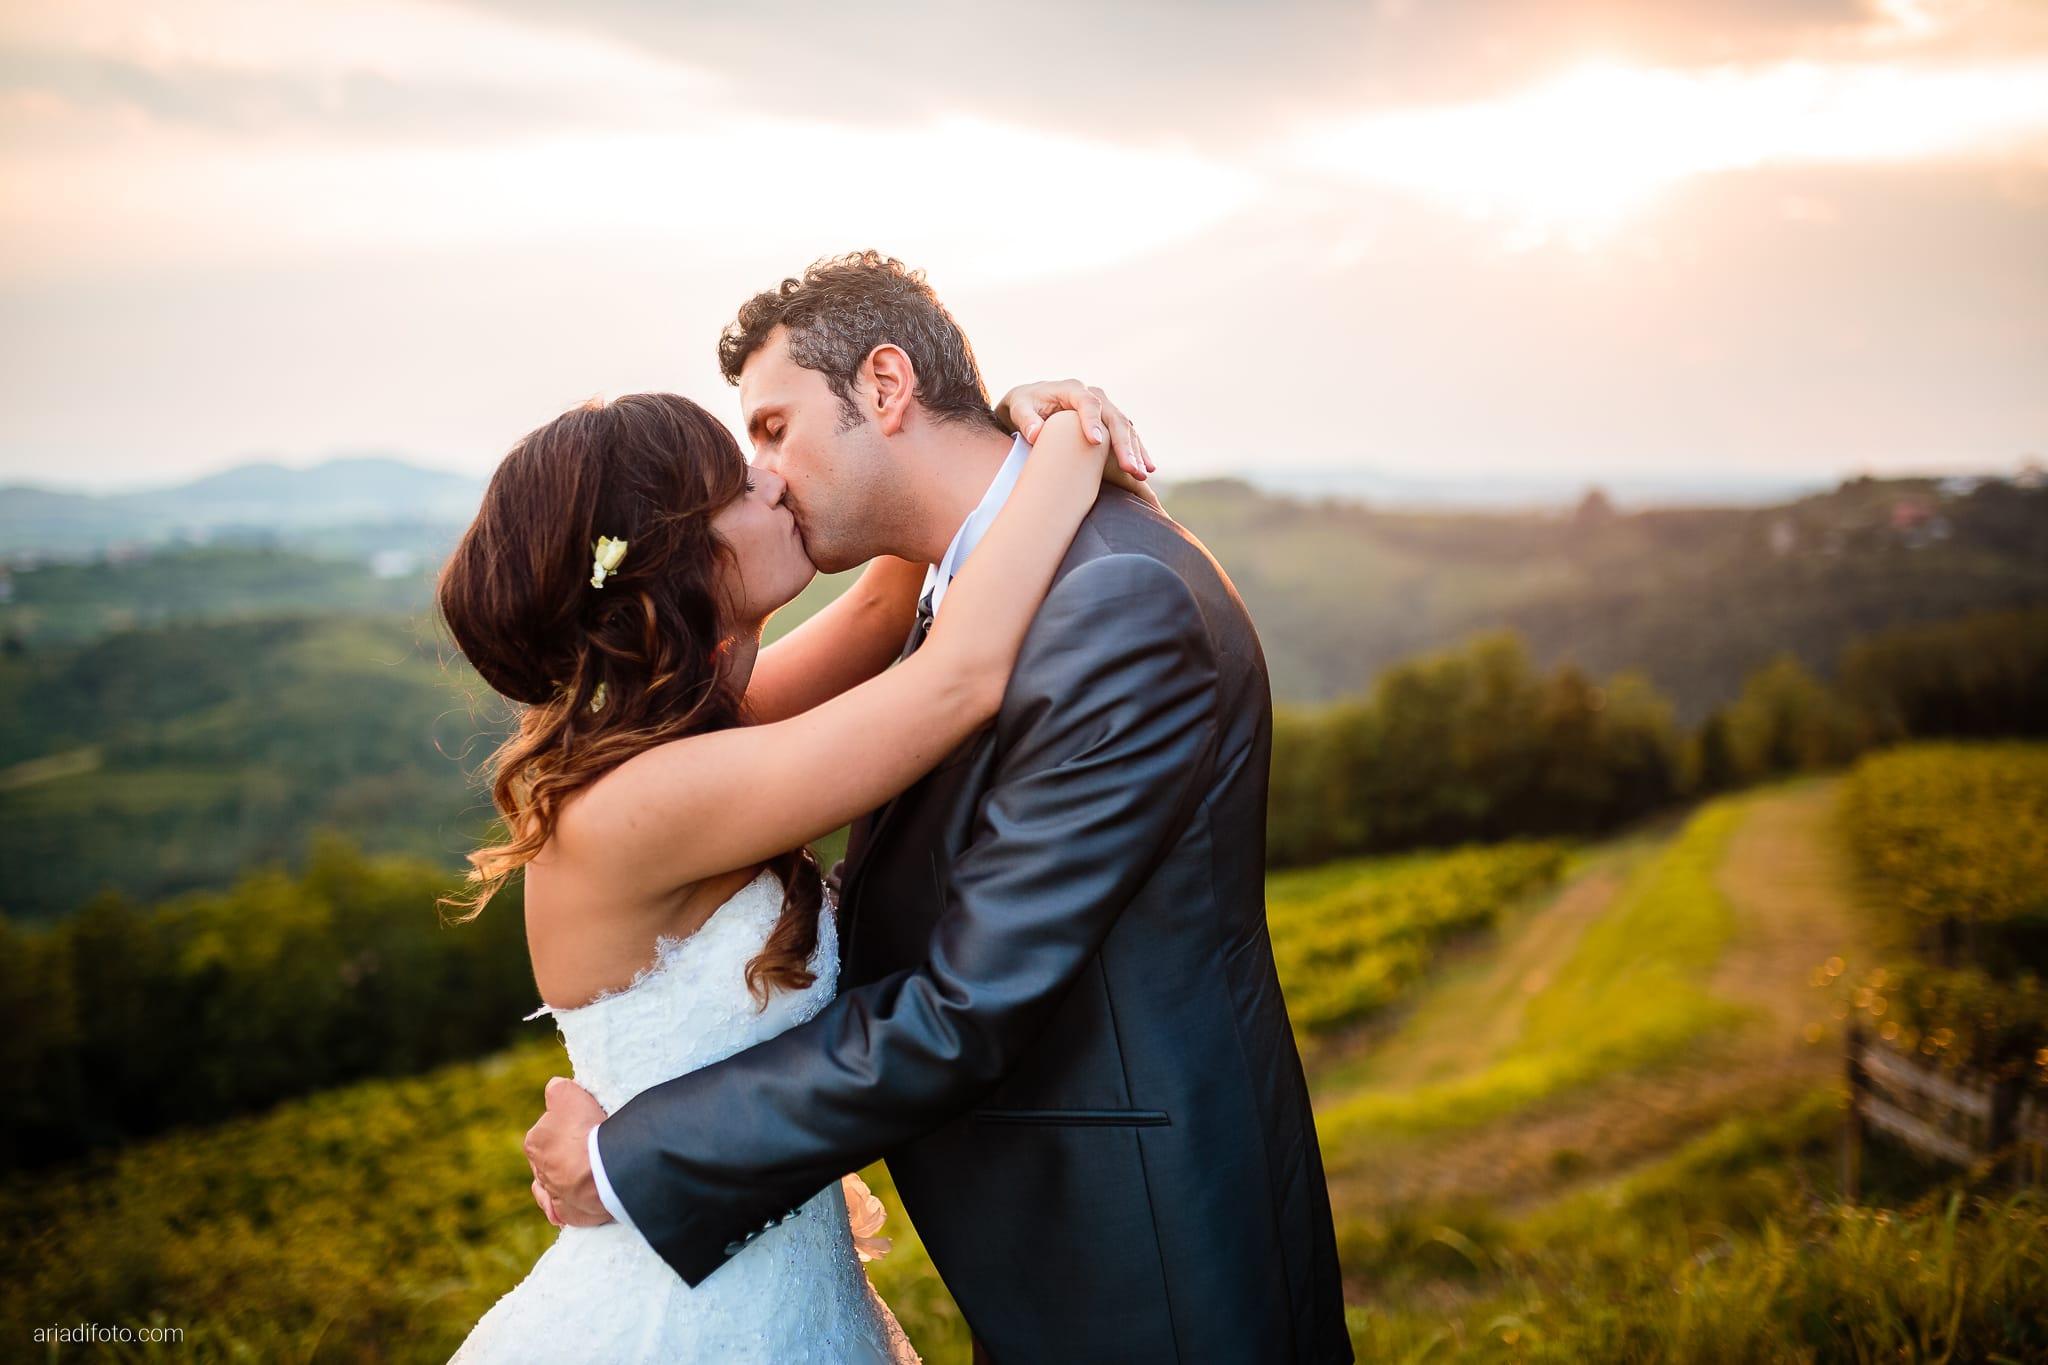 Roberta Alessandro matrimonio Duino Baronesse Tacco San Floriano del Collio Gorizia ritratti sposi tramonto